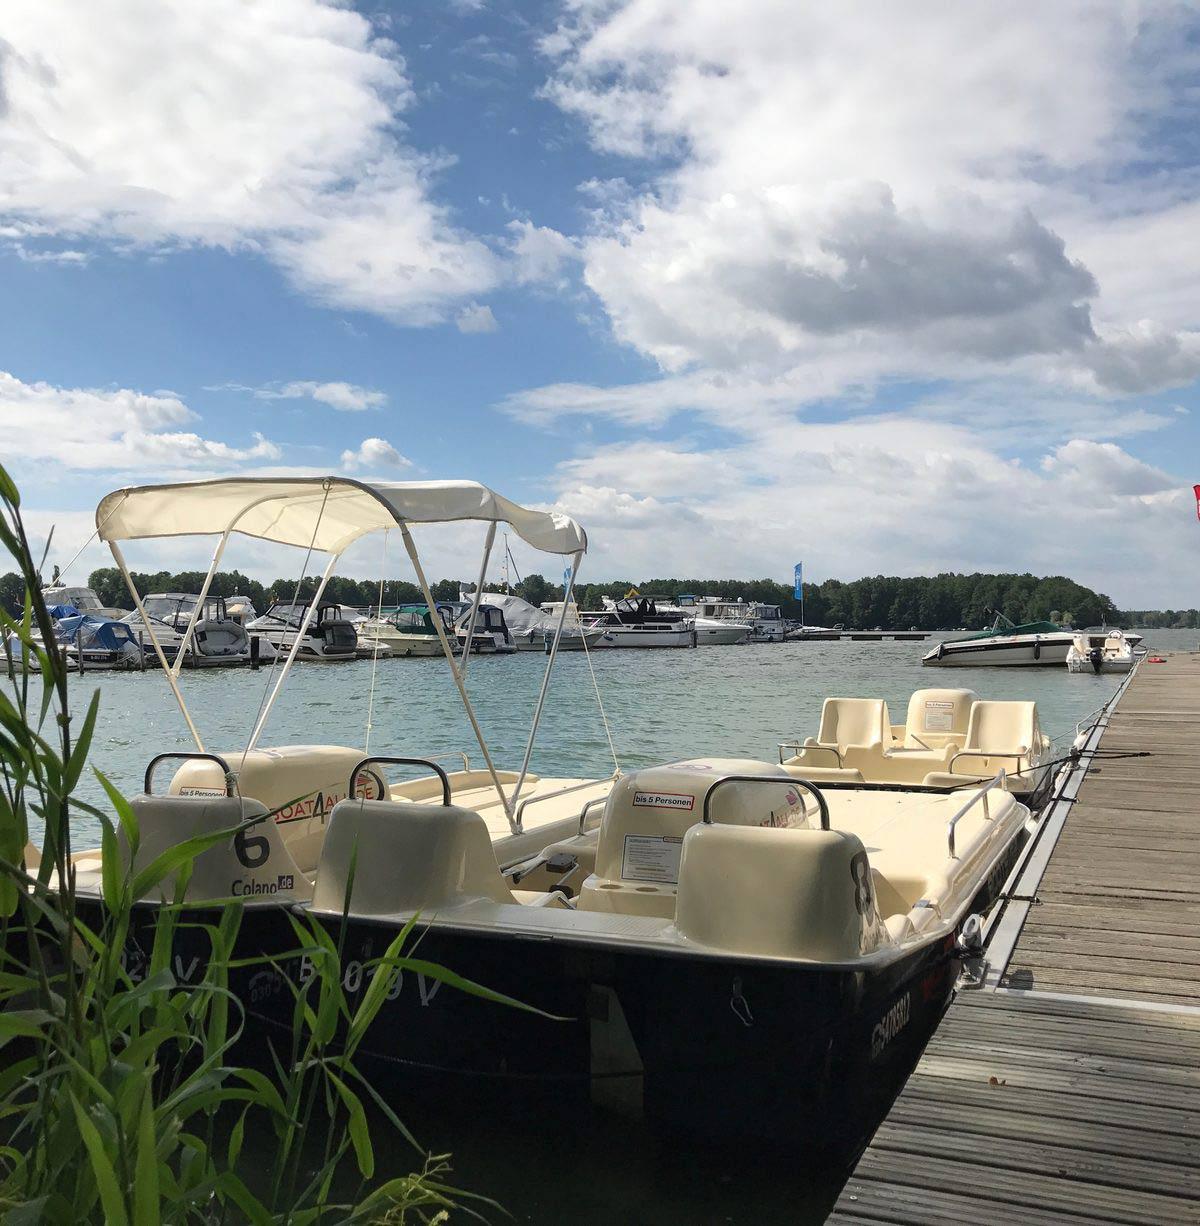 Colano XL Boot von Boat4All Berlin mit Blick auf den Krossinsee